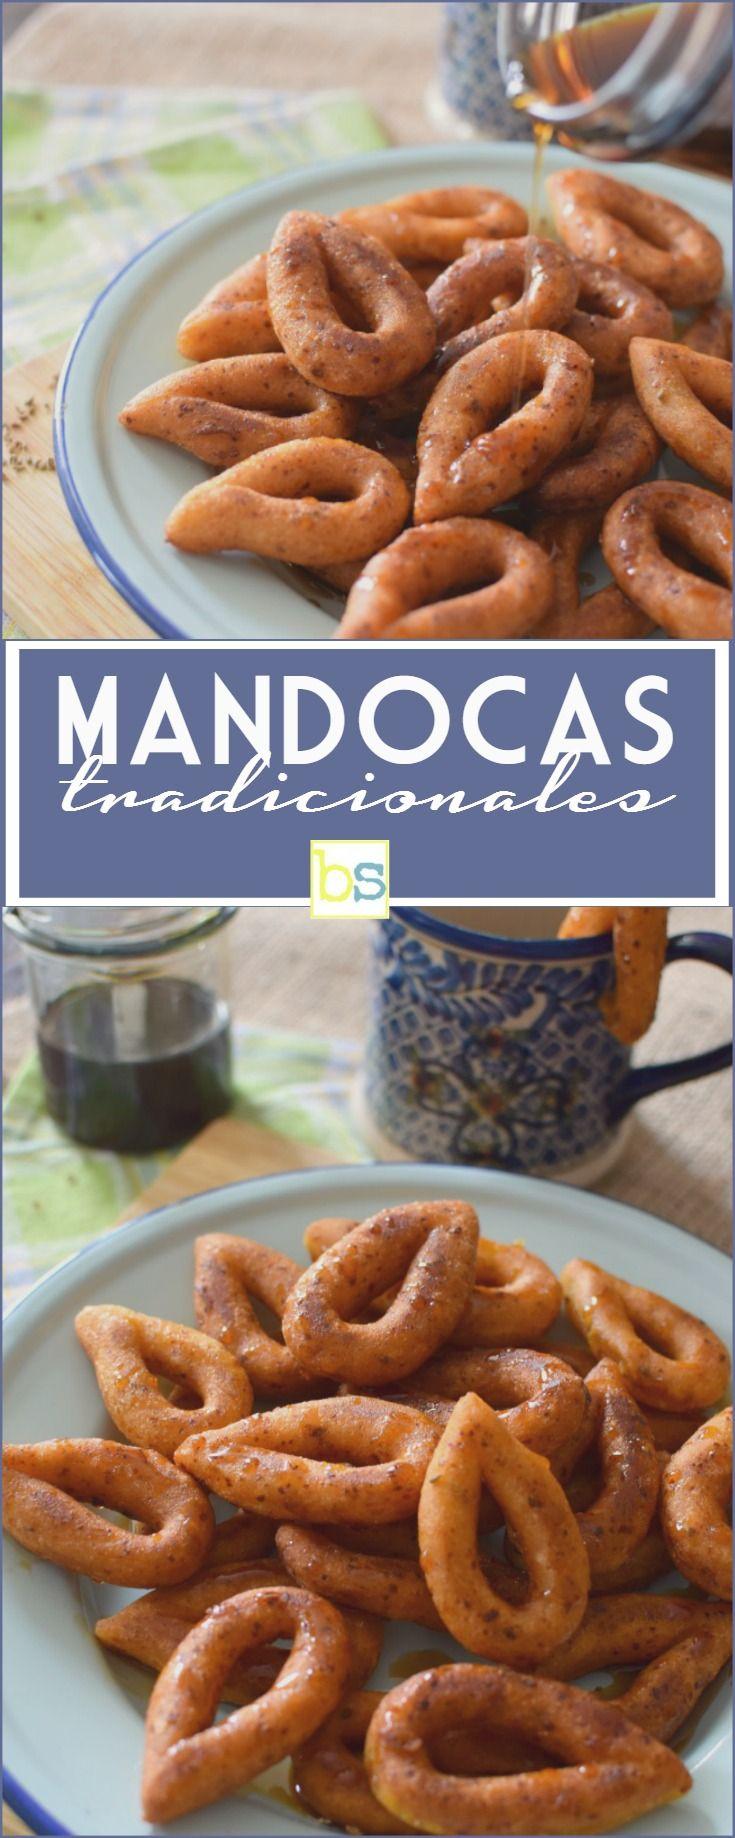 Mandocas tradicionales venezolanas, hechas con harina de maíz, queso blanco, semillas de anís y melado de papelón, muy ricas para el desayuno o la merienda de los niños y adultos también! En bizcochosysancochos.com